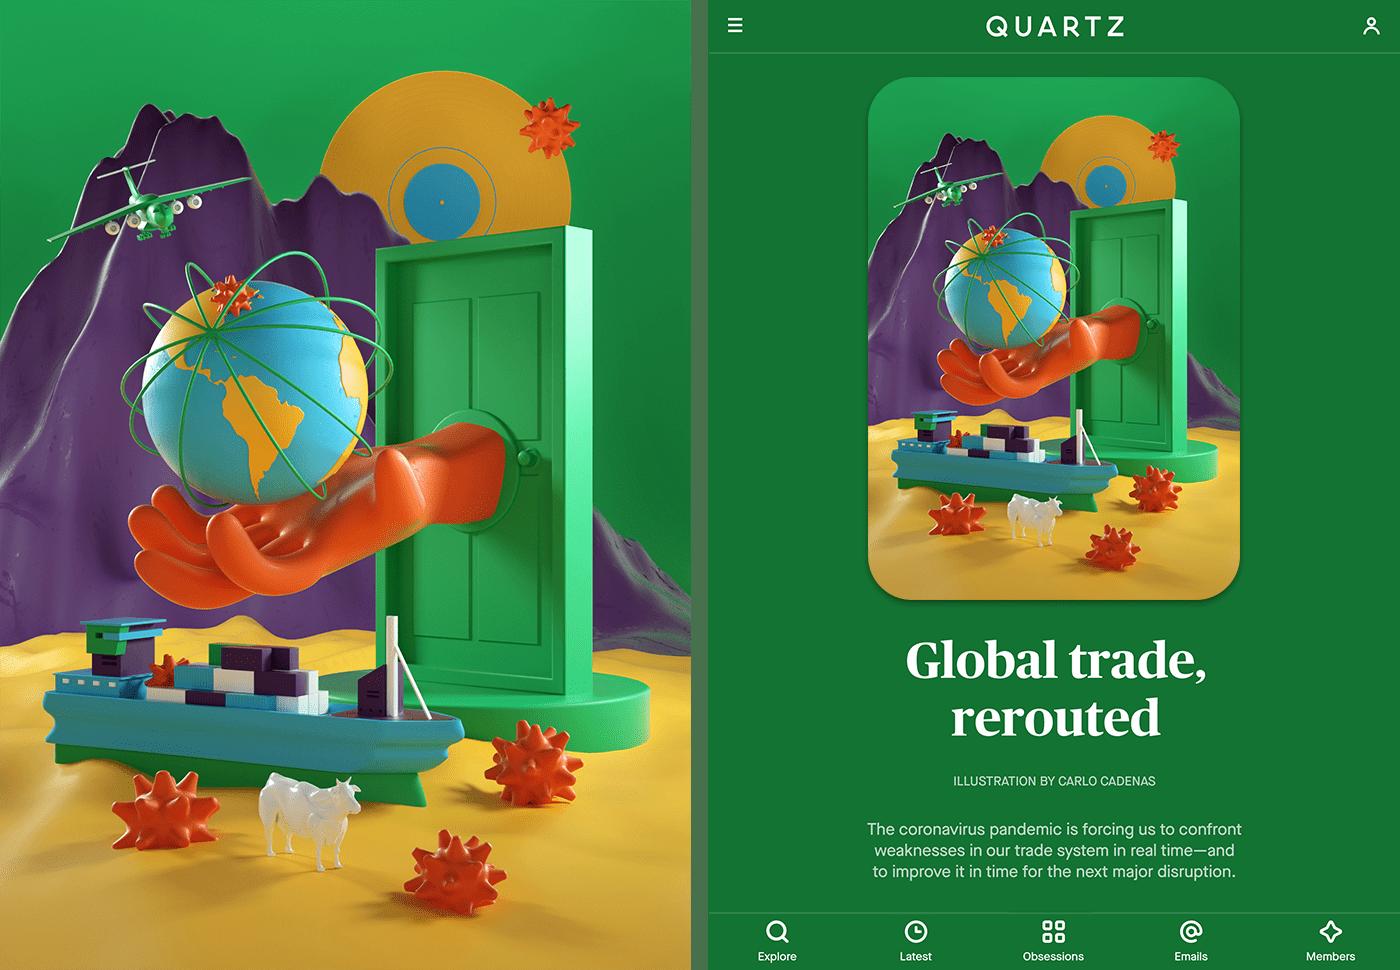 Quartz - Illustrations series